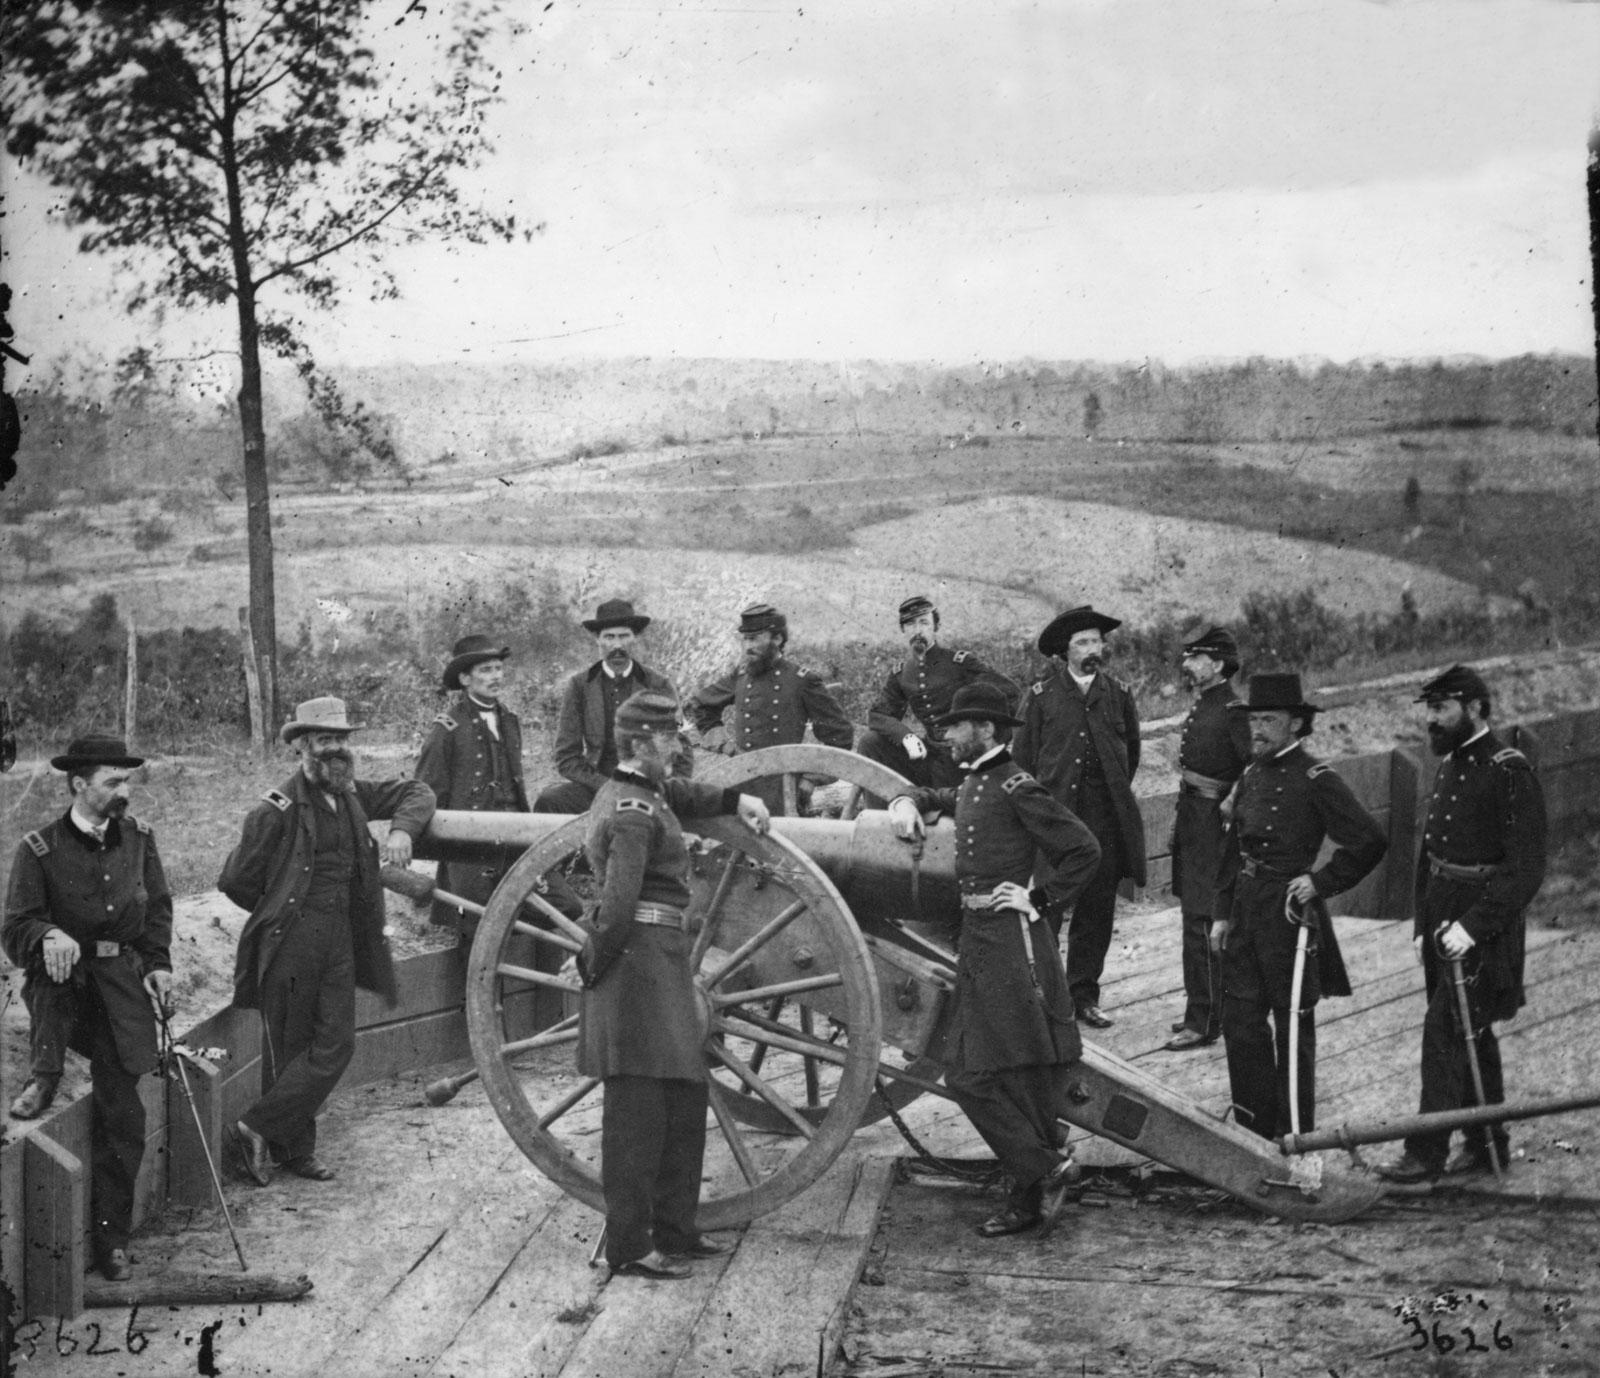 Gen. William T. Sherman - Battle of Atlanta